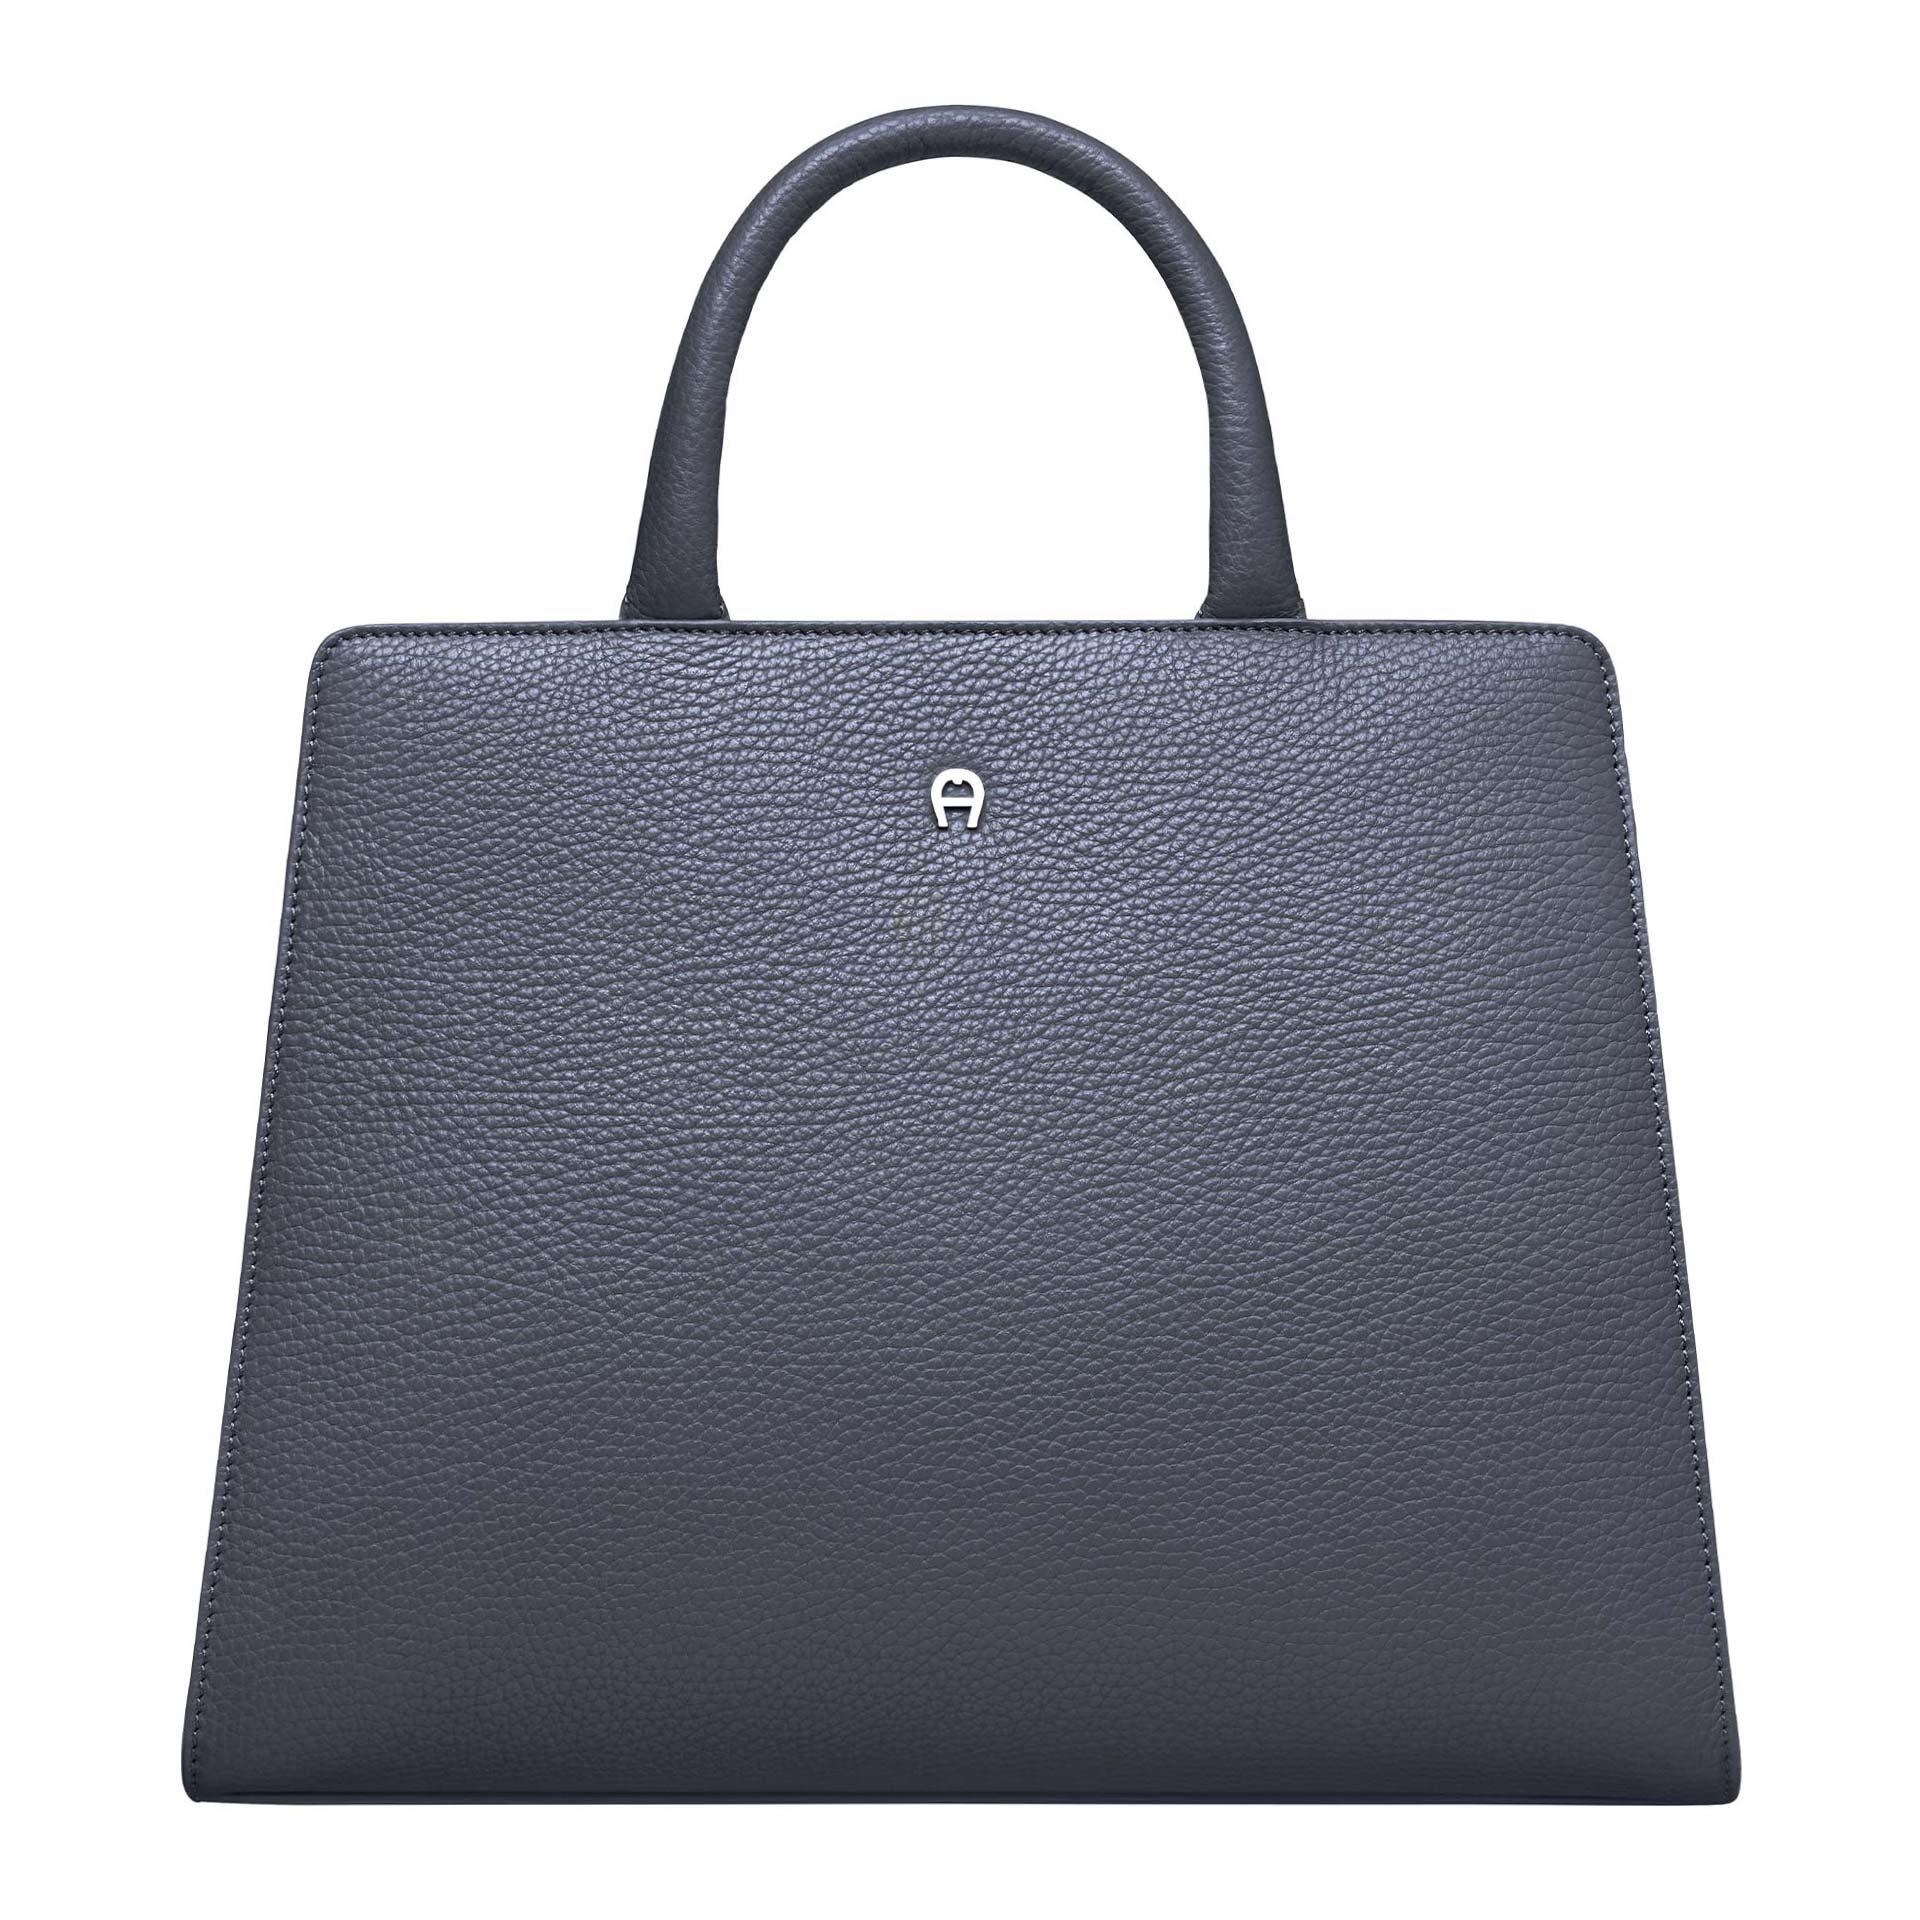 Aigner Cybill Handtasche S marine